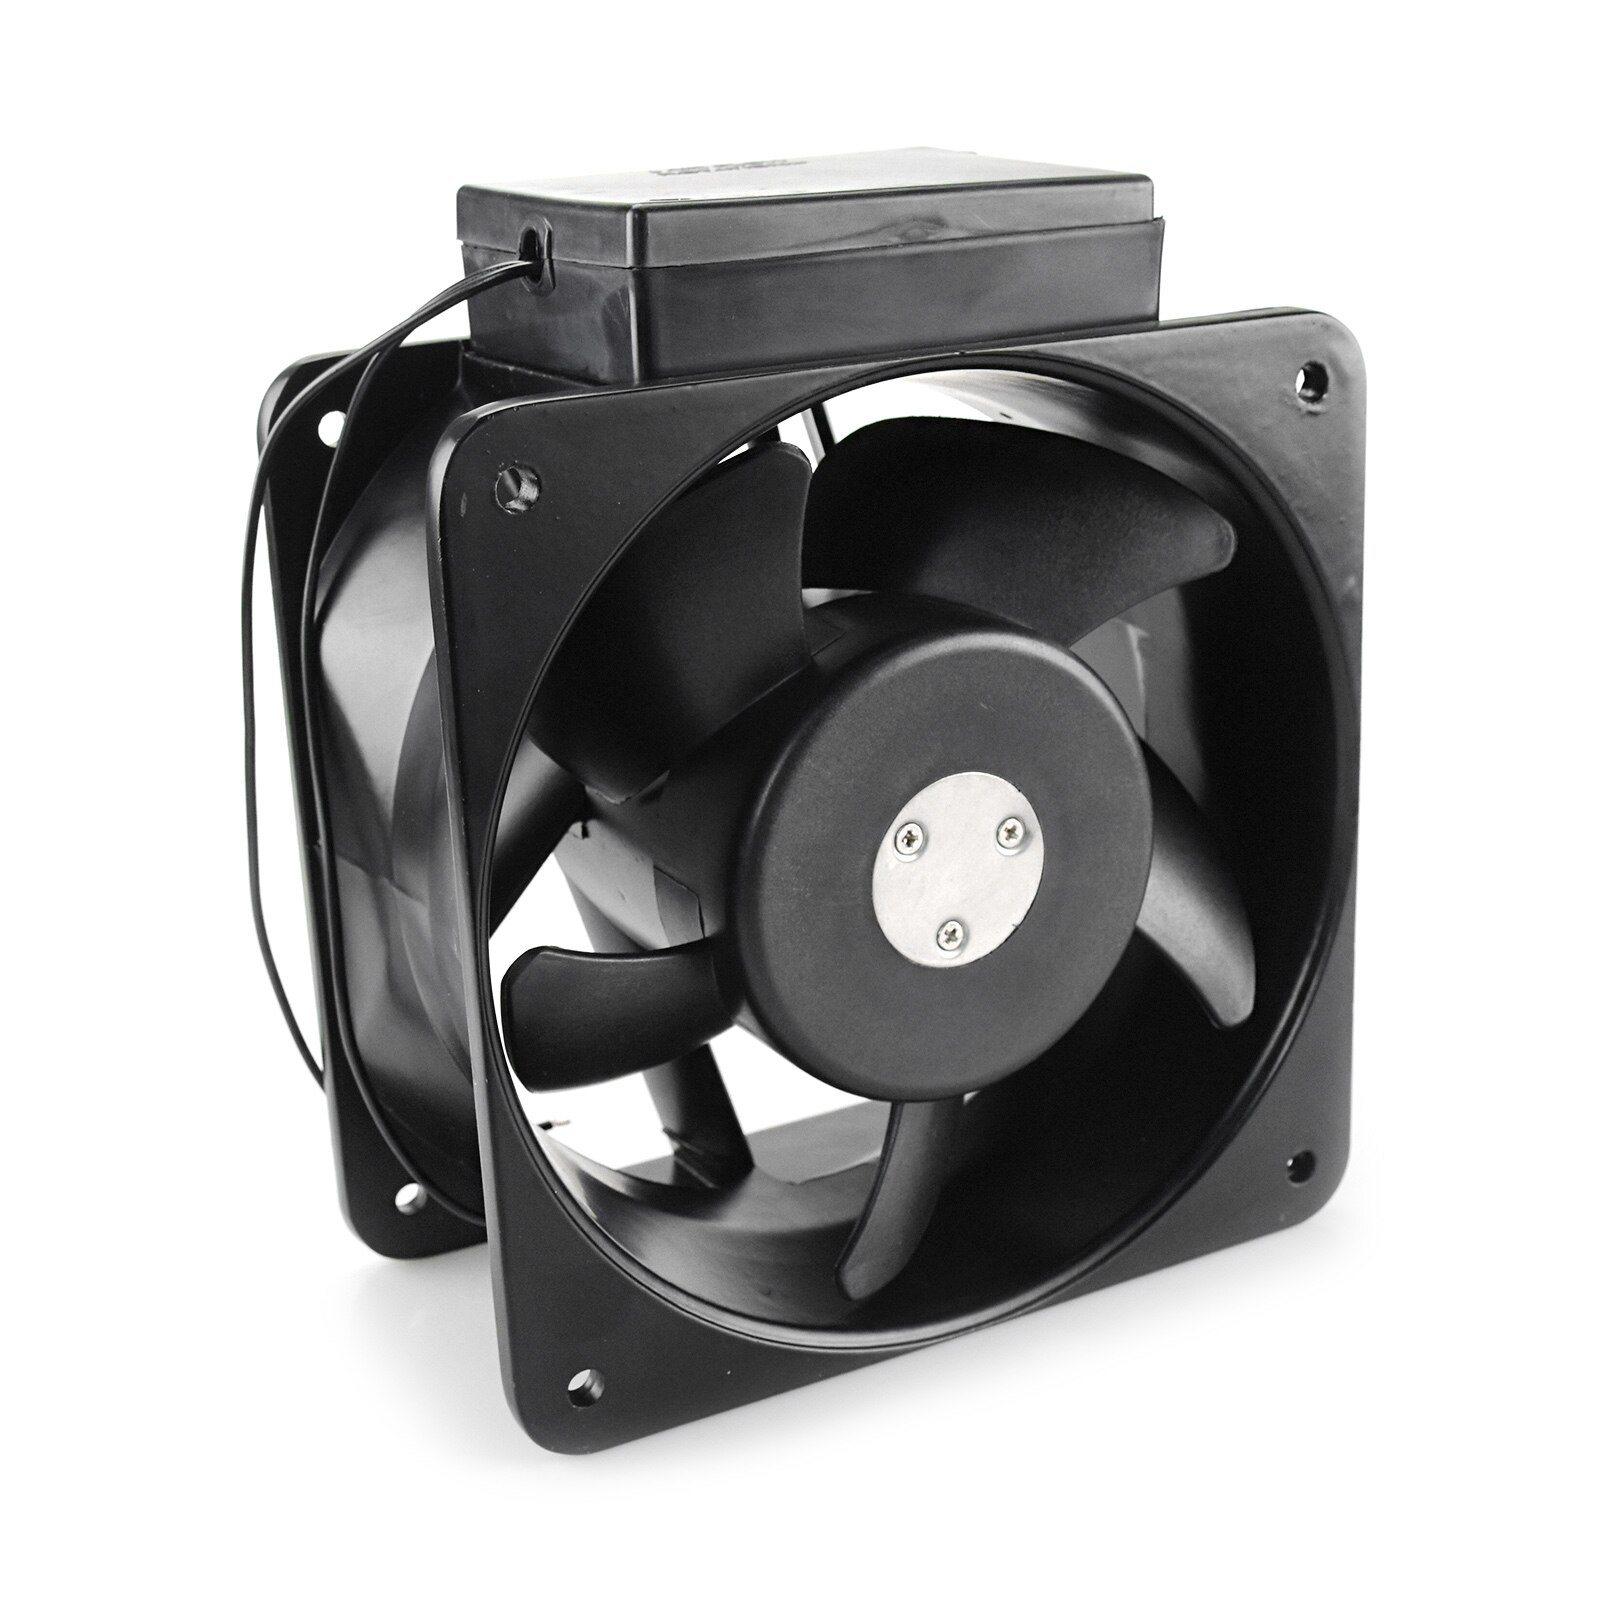 ORIX MRS18-DUL 18cm 200-230V industrial cooling fan